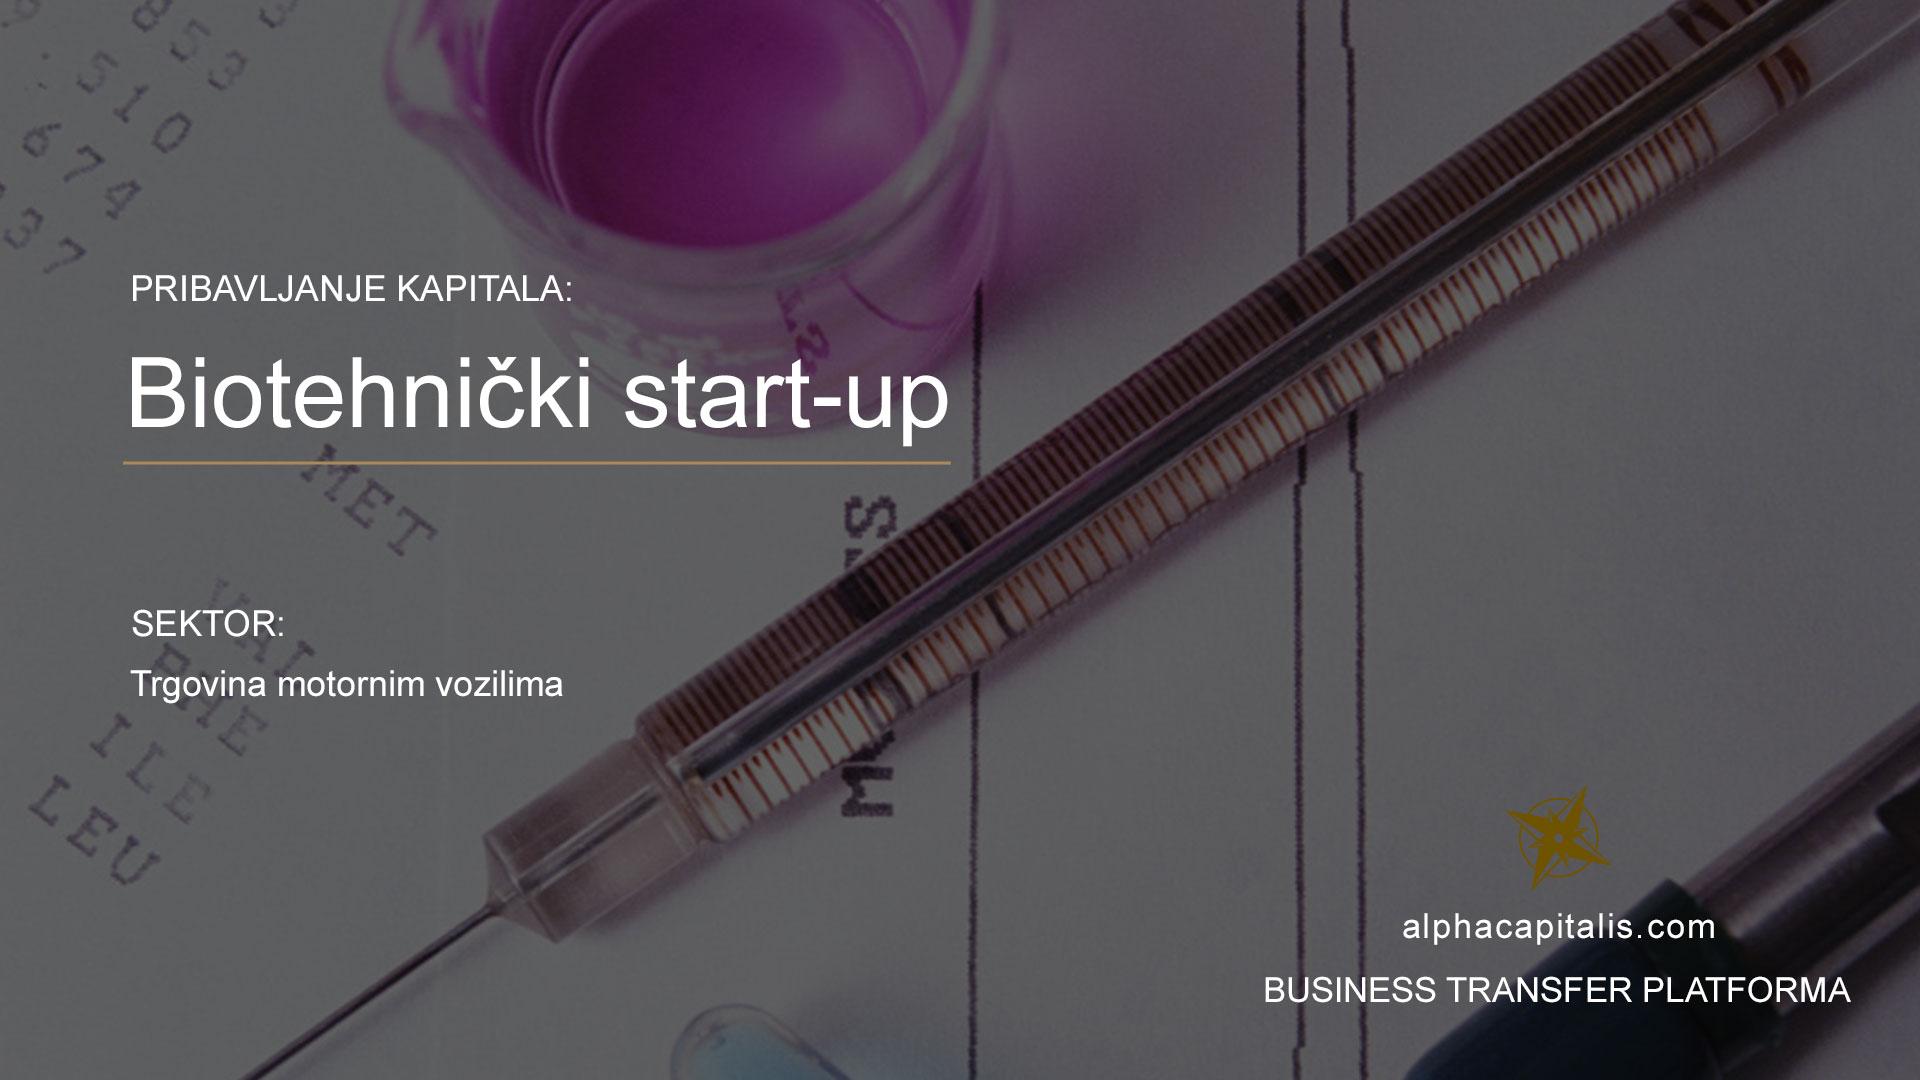 BTP-pribavljanje-kapitala-biotehnički-start-up